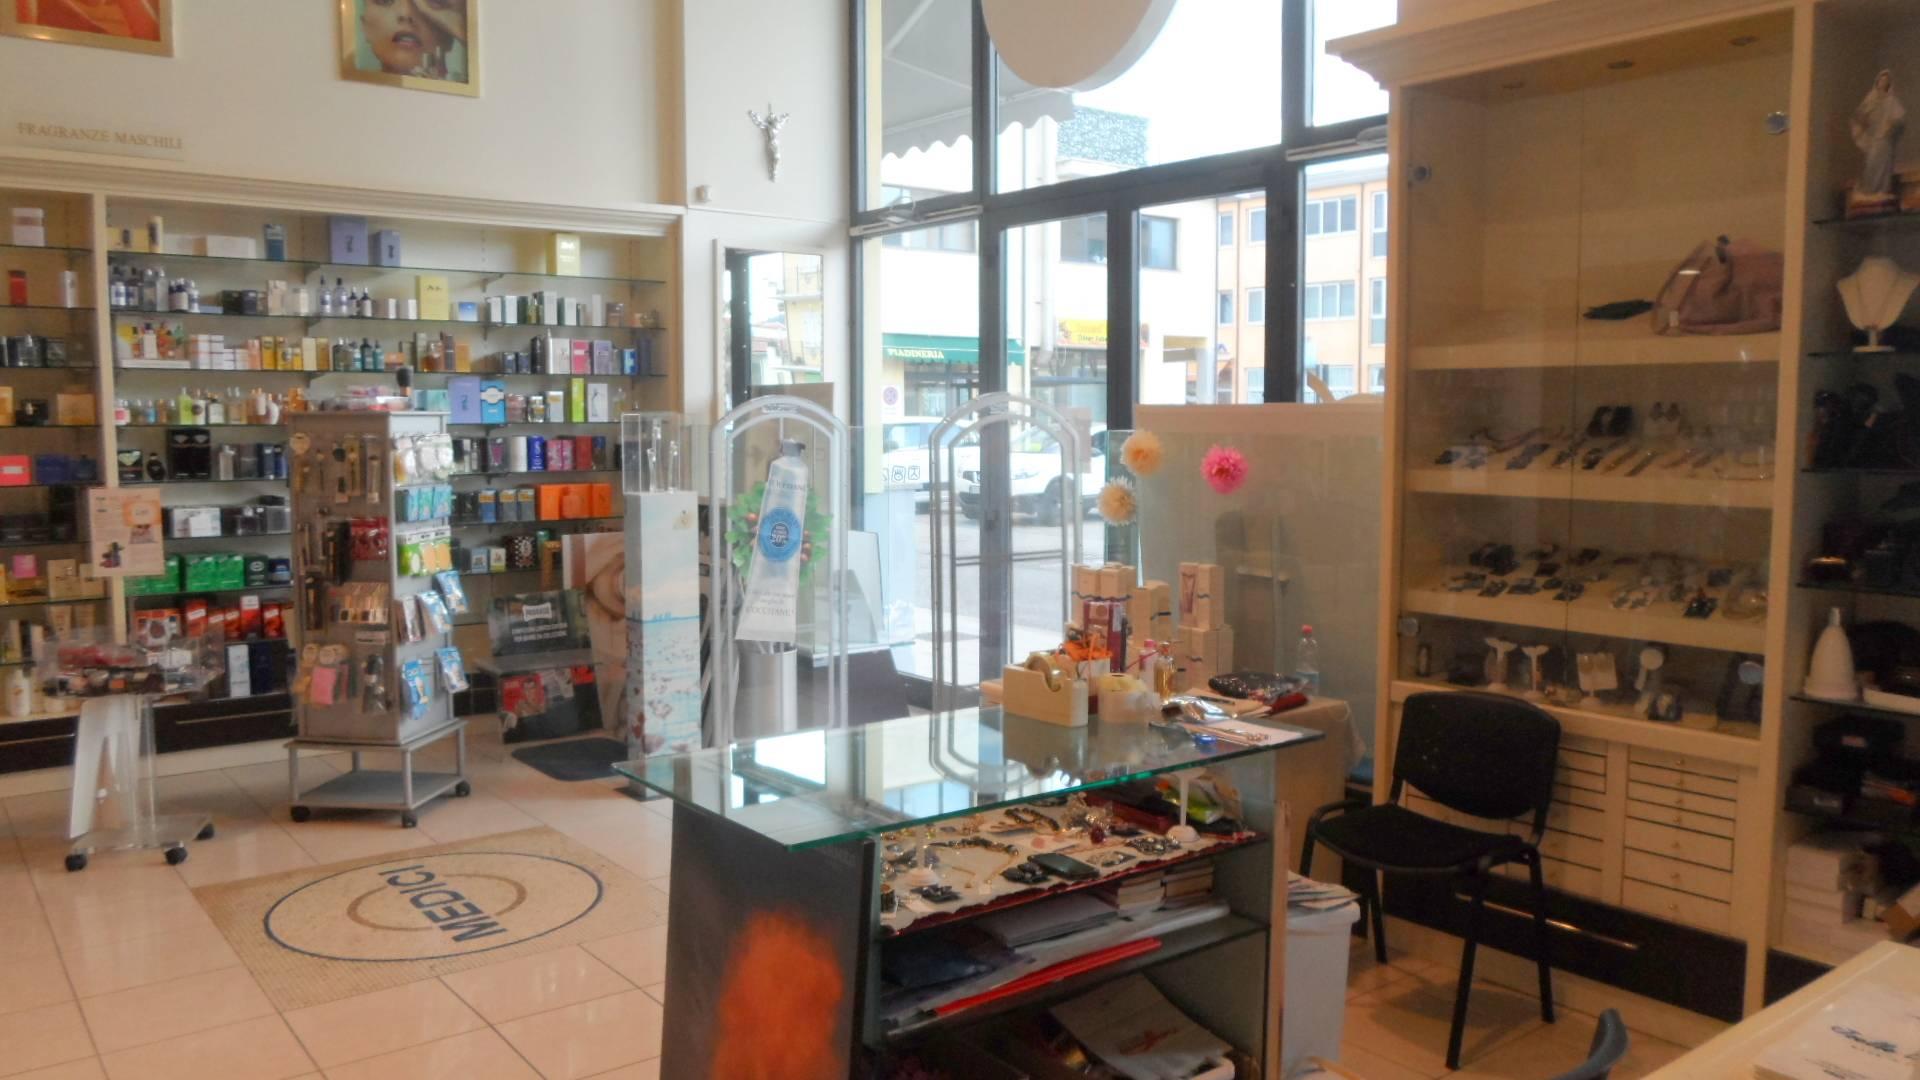 Negozio / Locale in vendita a San Benedetto del Tronto, 9999 locali, zona Località: PortodAscoli, prezzo € 300.000 | CambioCasa.it